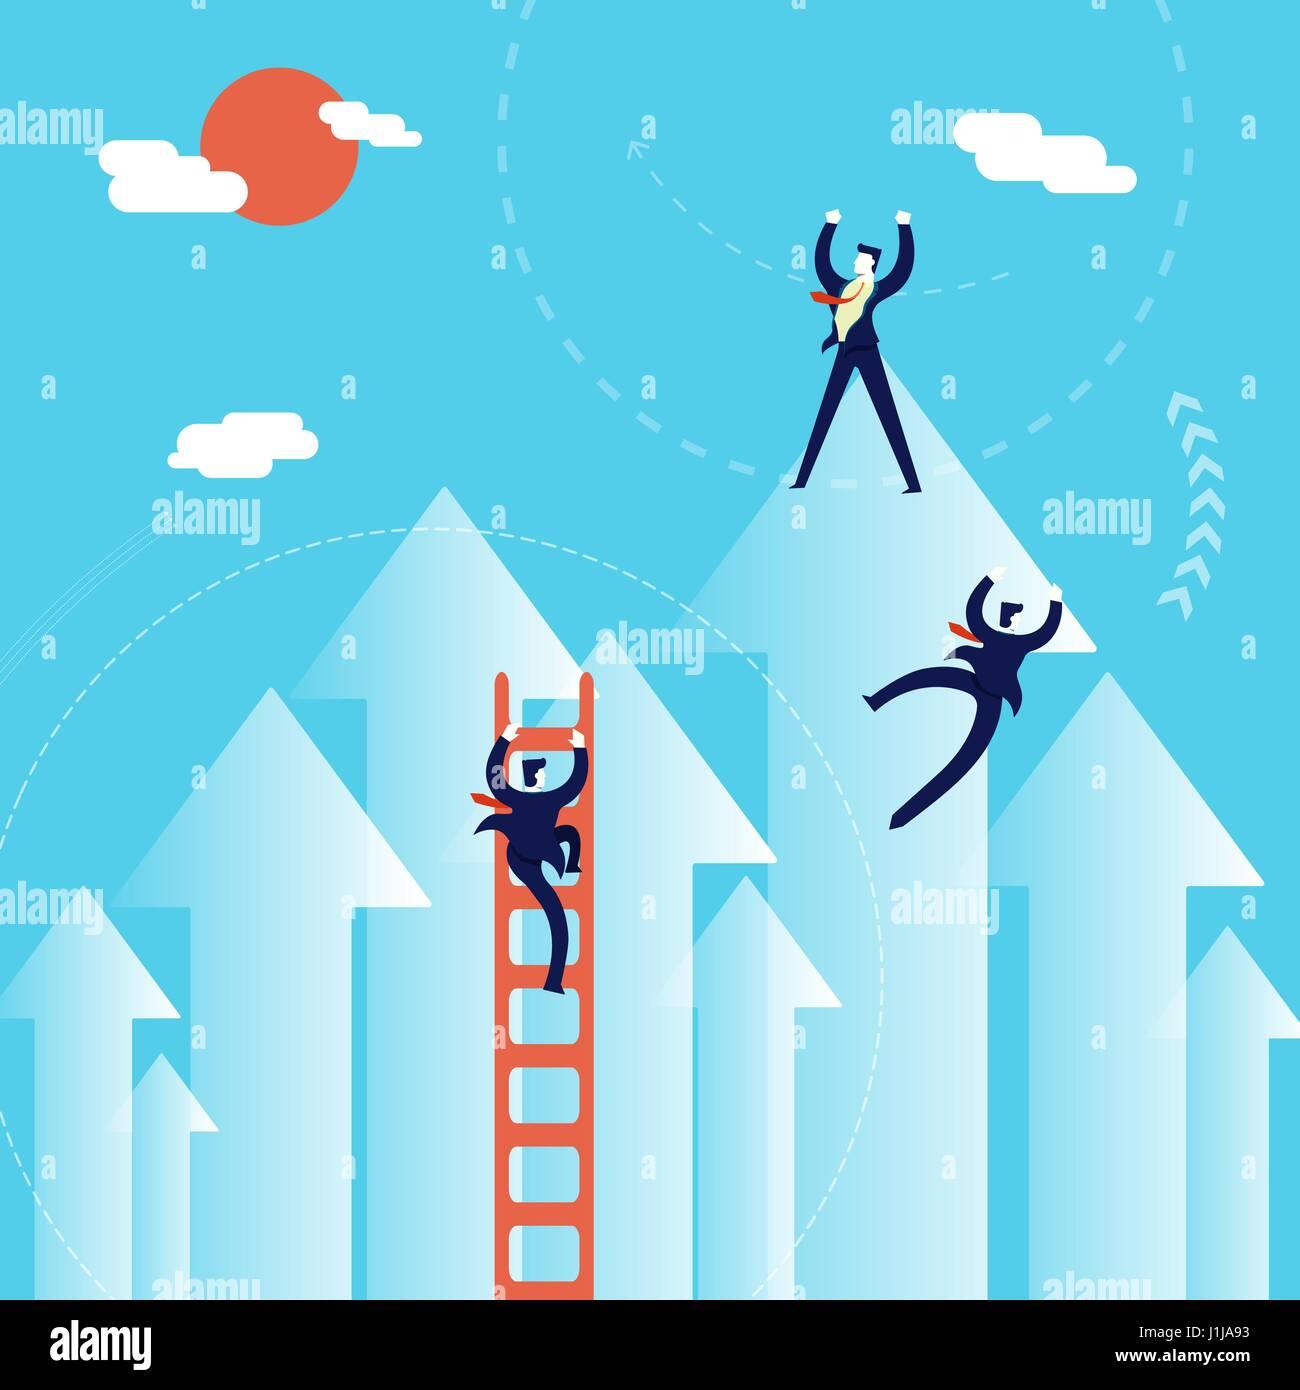 Ilustración del concepto de crecimiento empresarial, empresarios team escalar en una dirección positiva Imagen De Stock